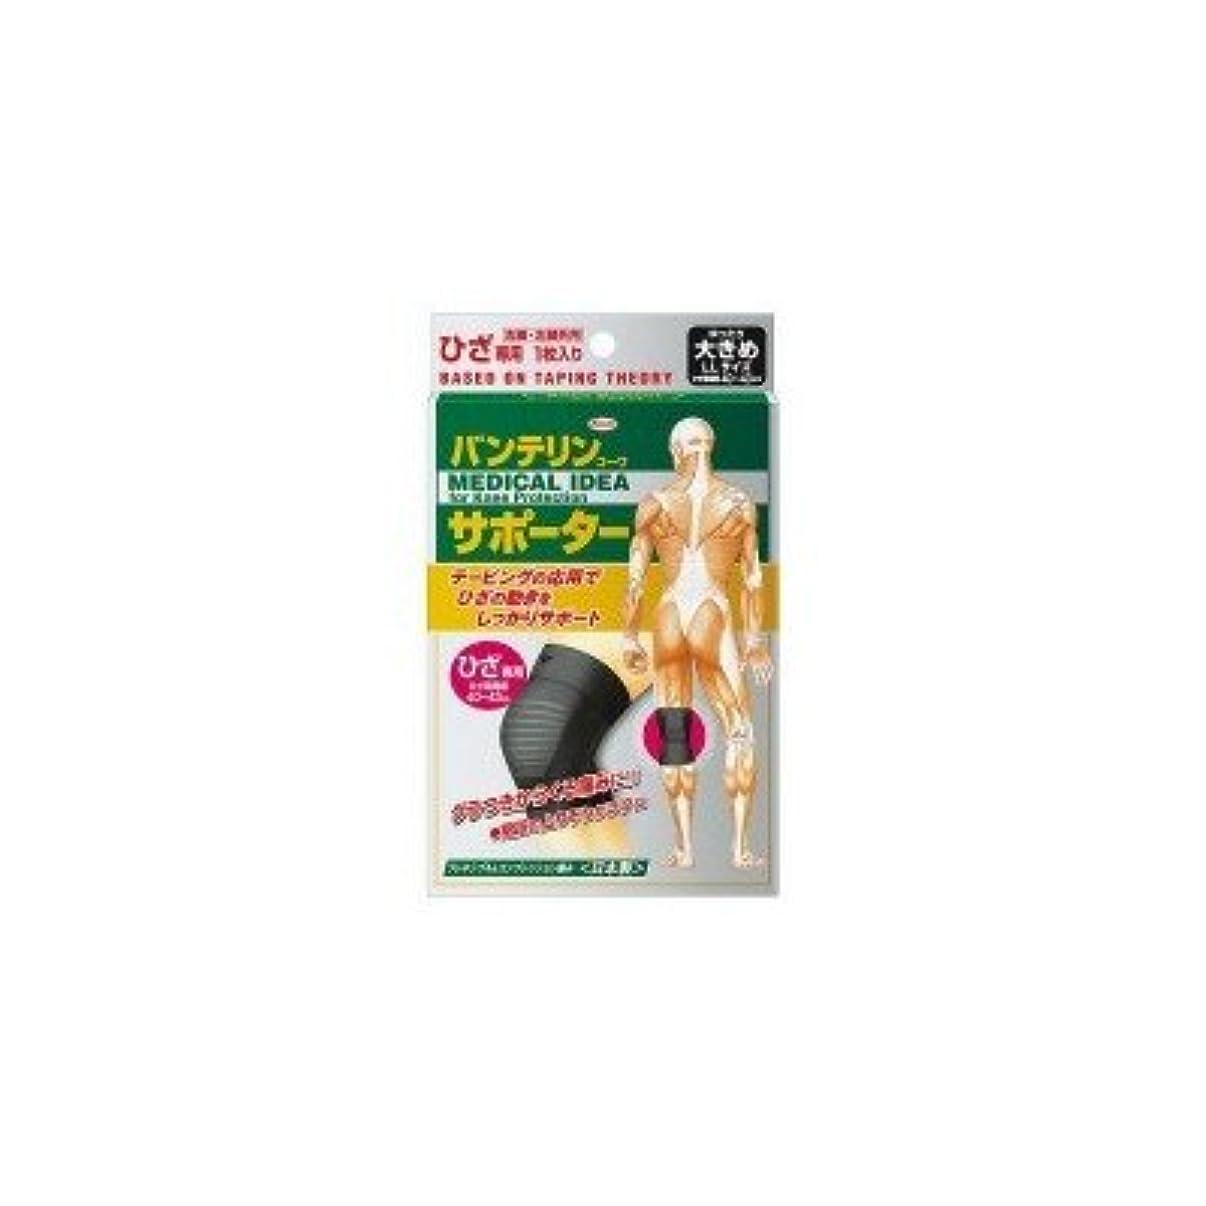 ディスパッチ。安心興和(コーワ) バンテリンコーワサポーター ひざ専用 ゆったり大きめLLサイズ ブラック